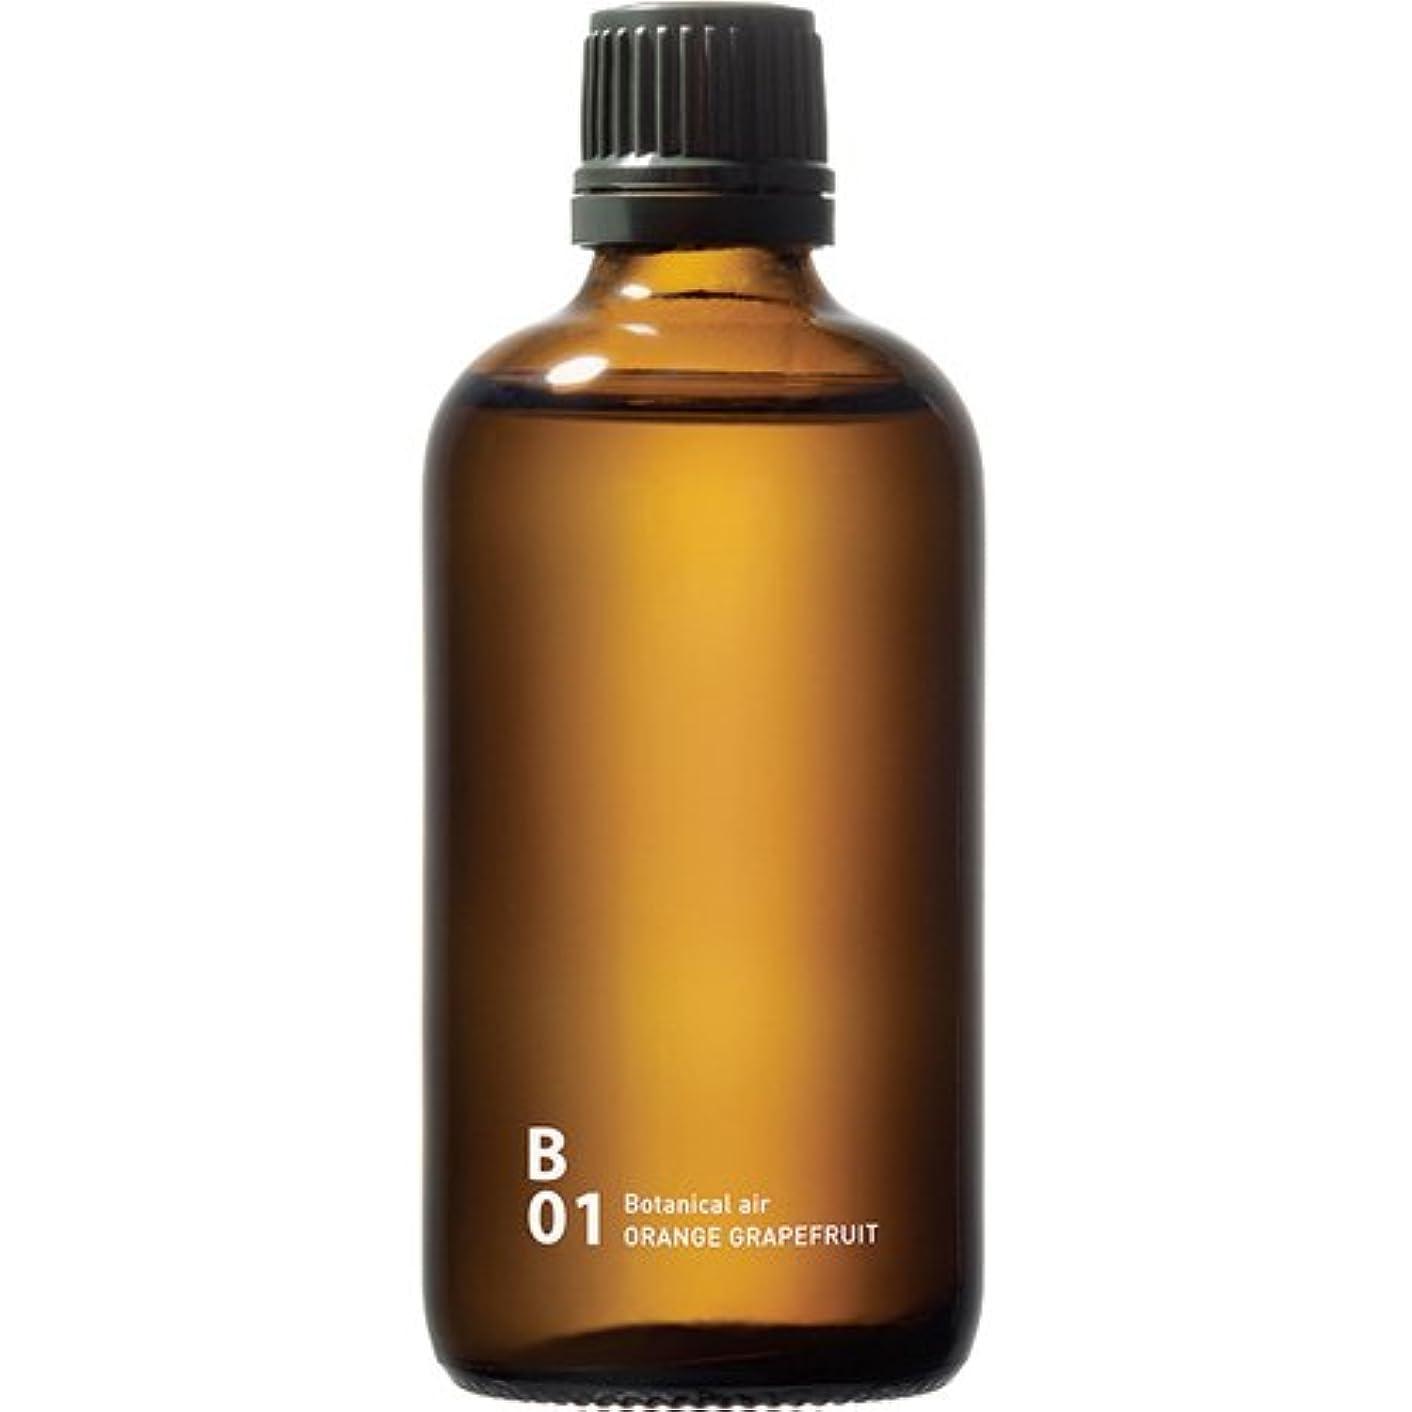 ごちそう検索エンジンマーケティングサーカスB01 ORANGE GRAPEFRUIT piezo aroma oil 100ml